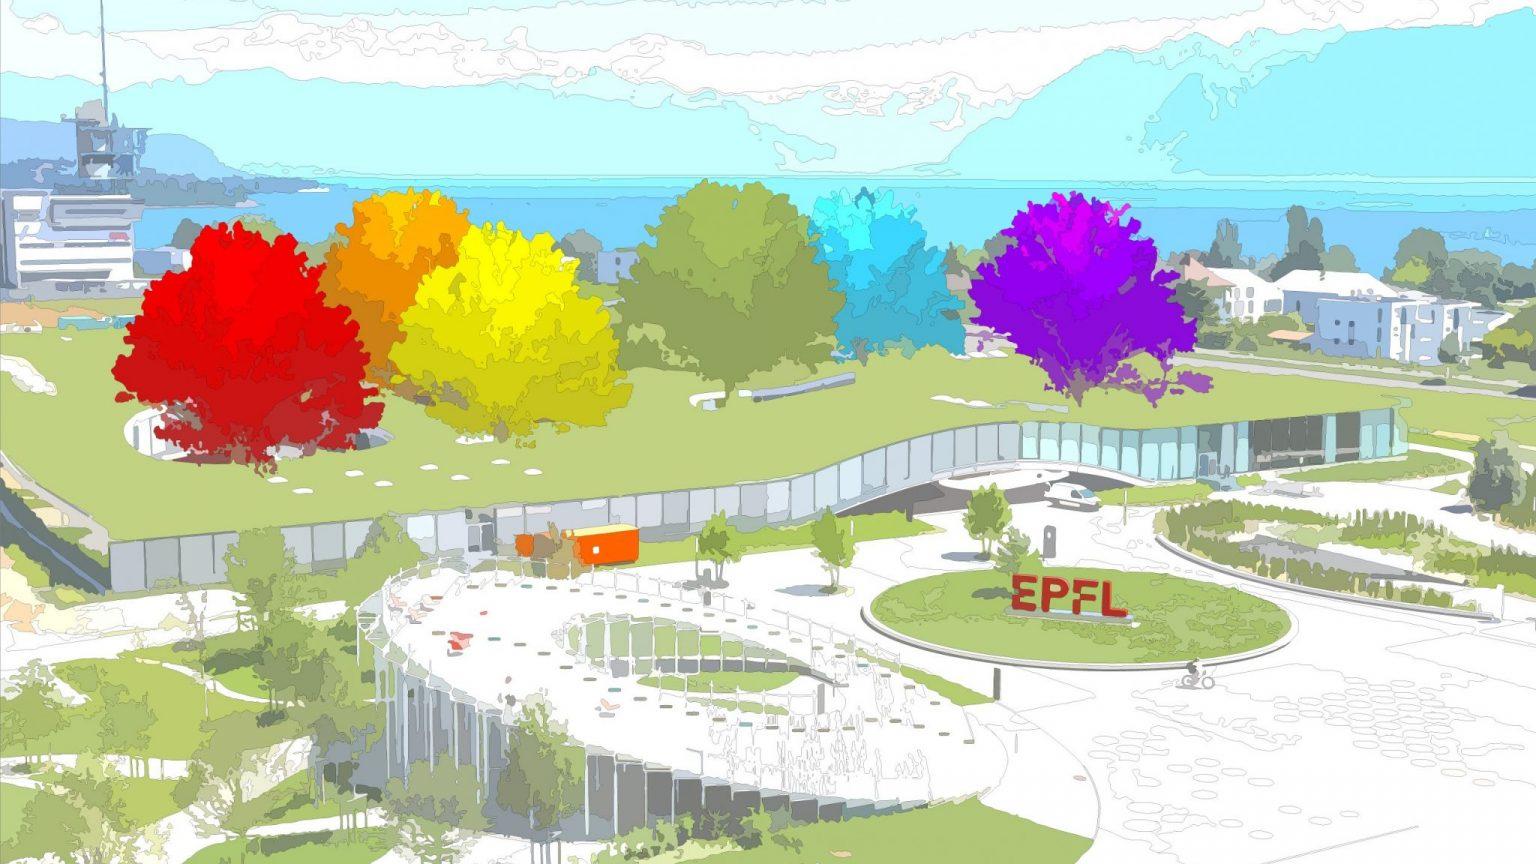 Dessin coloré du Rolex Learning Center, basé sur une photo d'Alain Herzog / EPFL